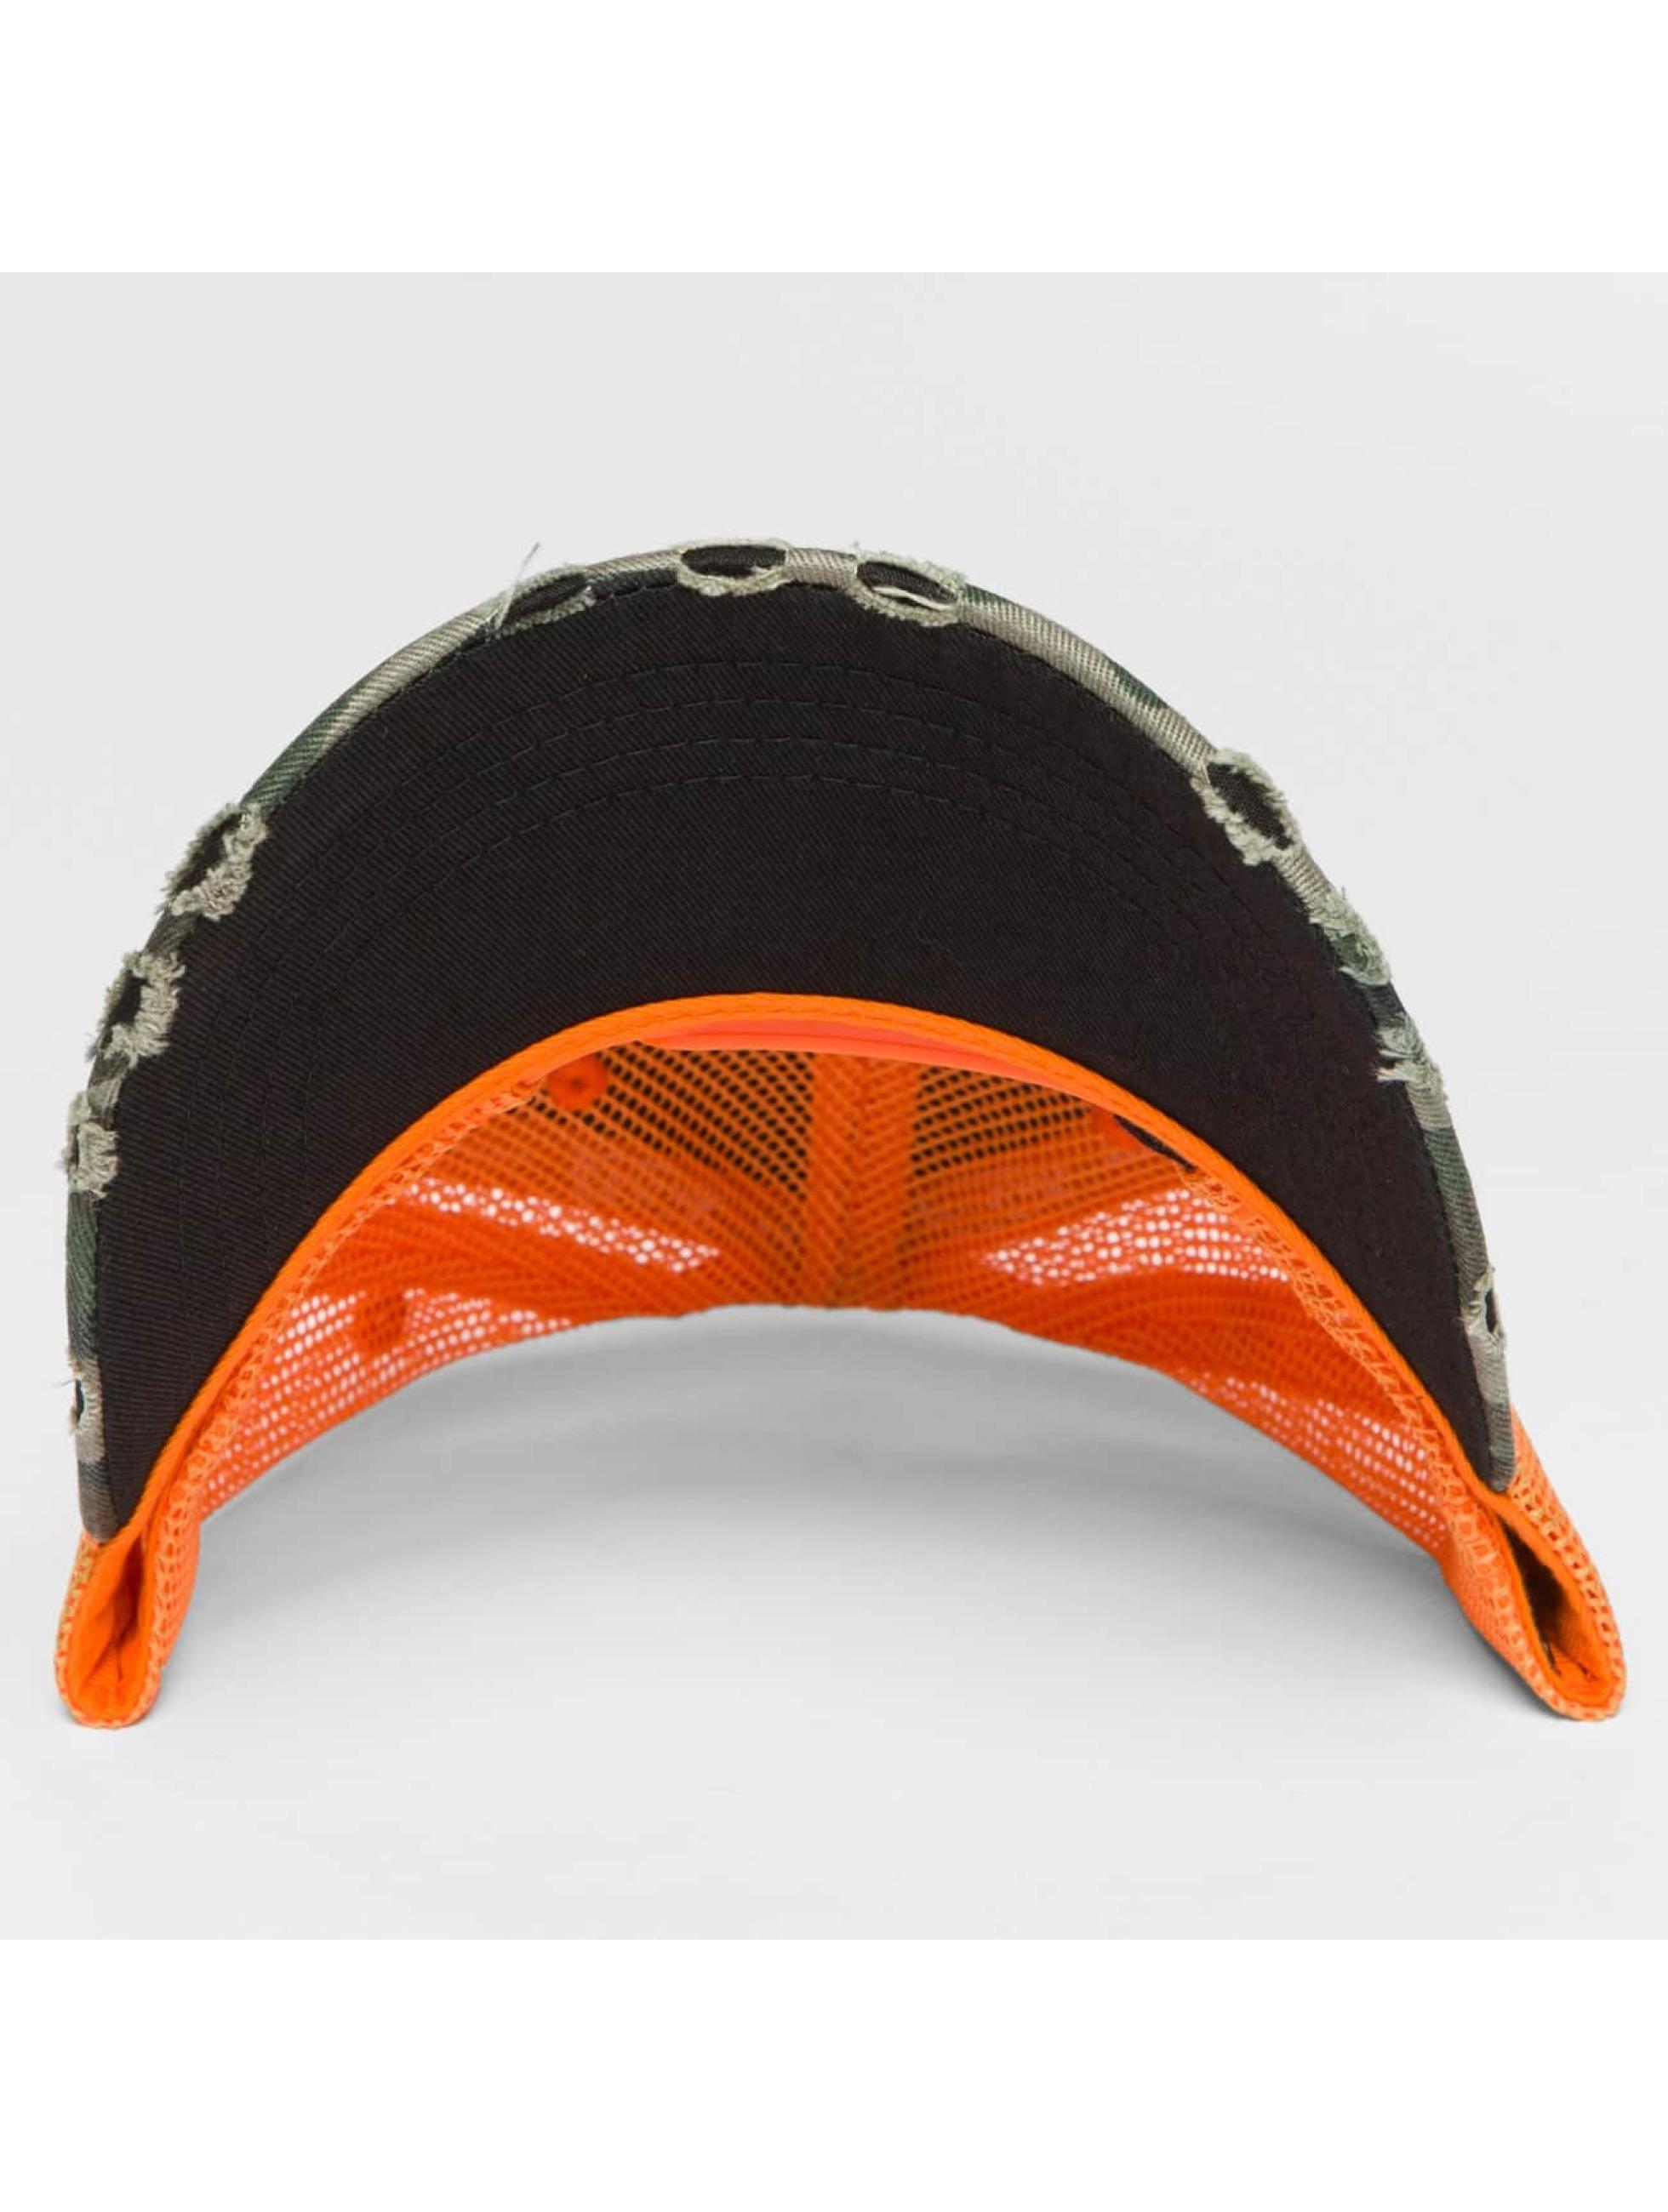 Von Dutch Casquette Trucker mesh Camo camouflage